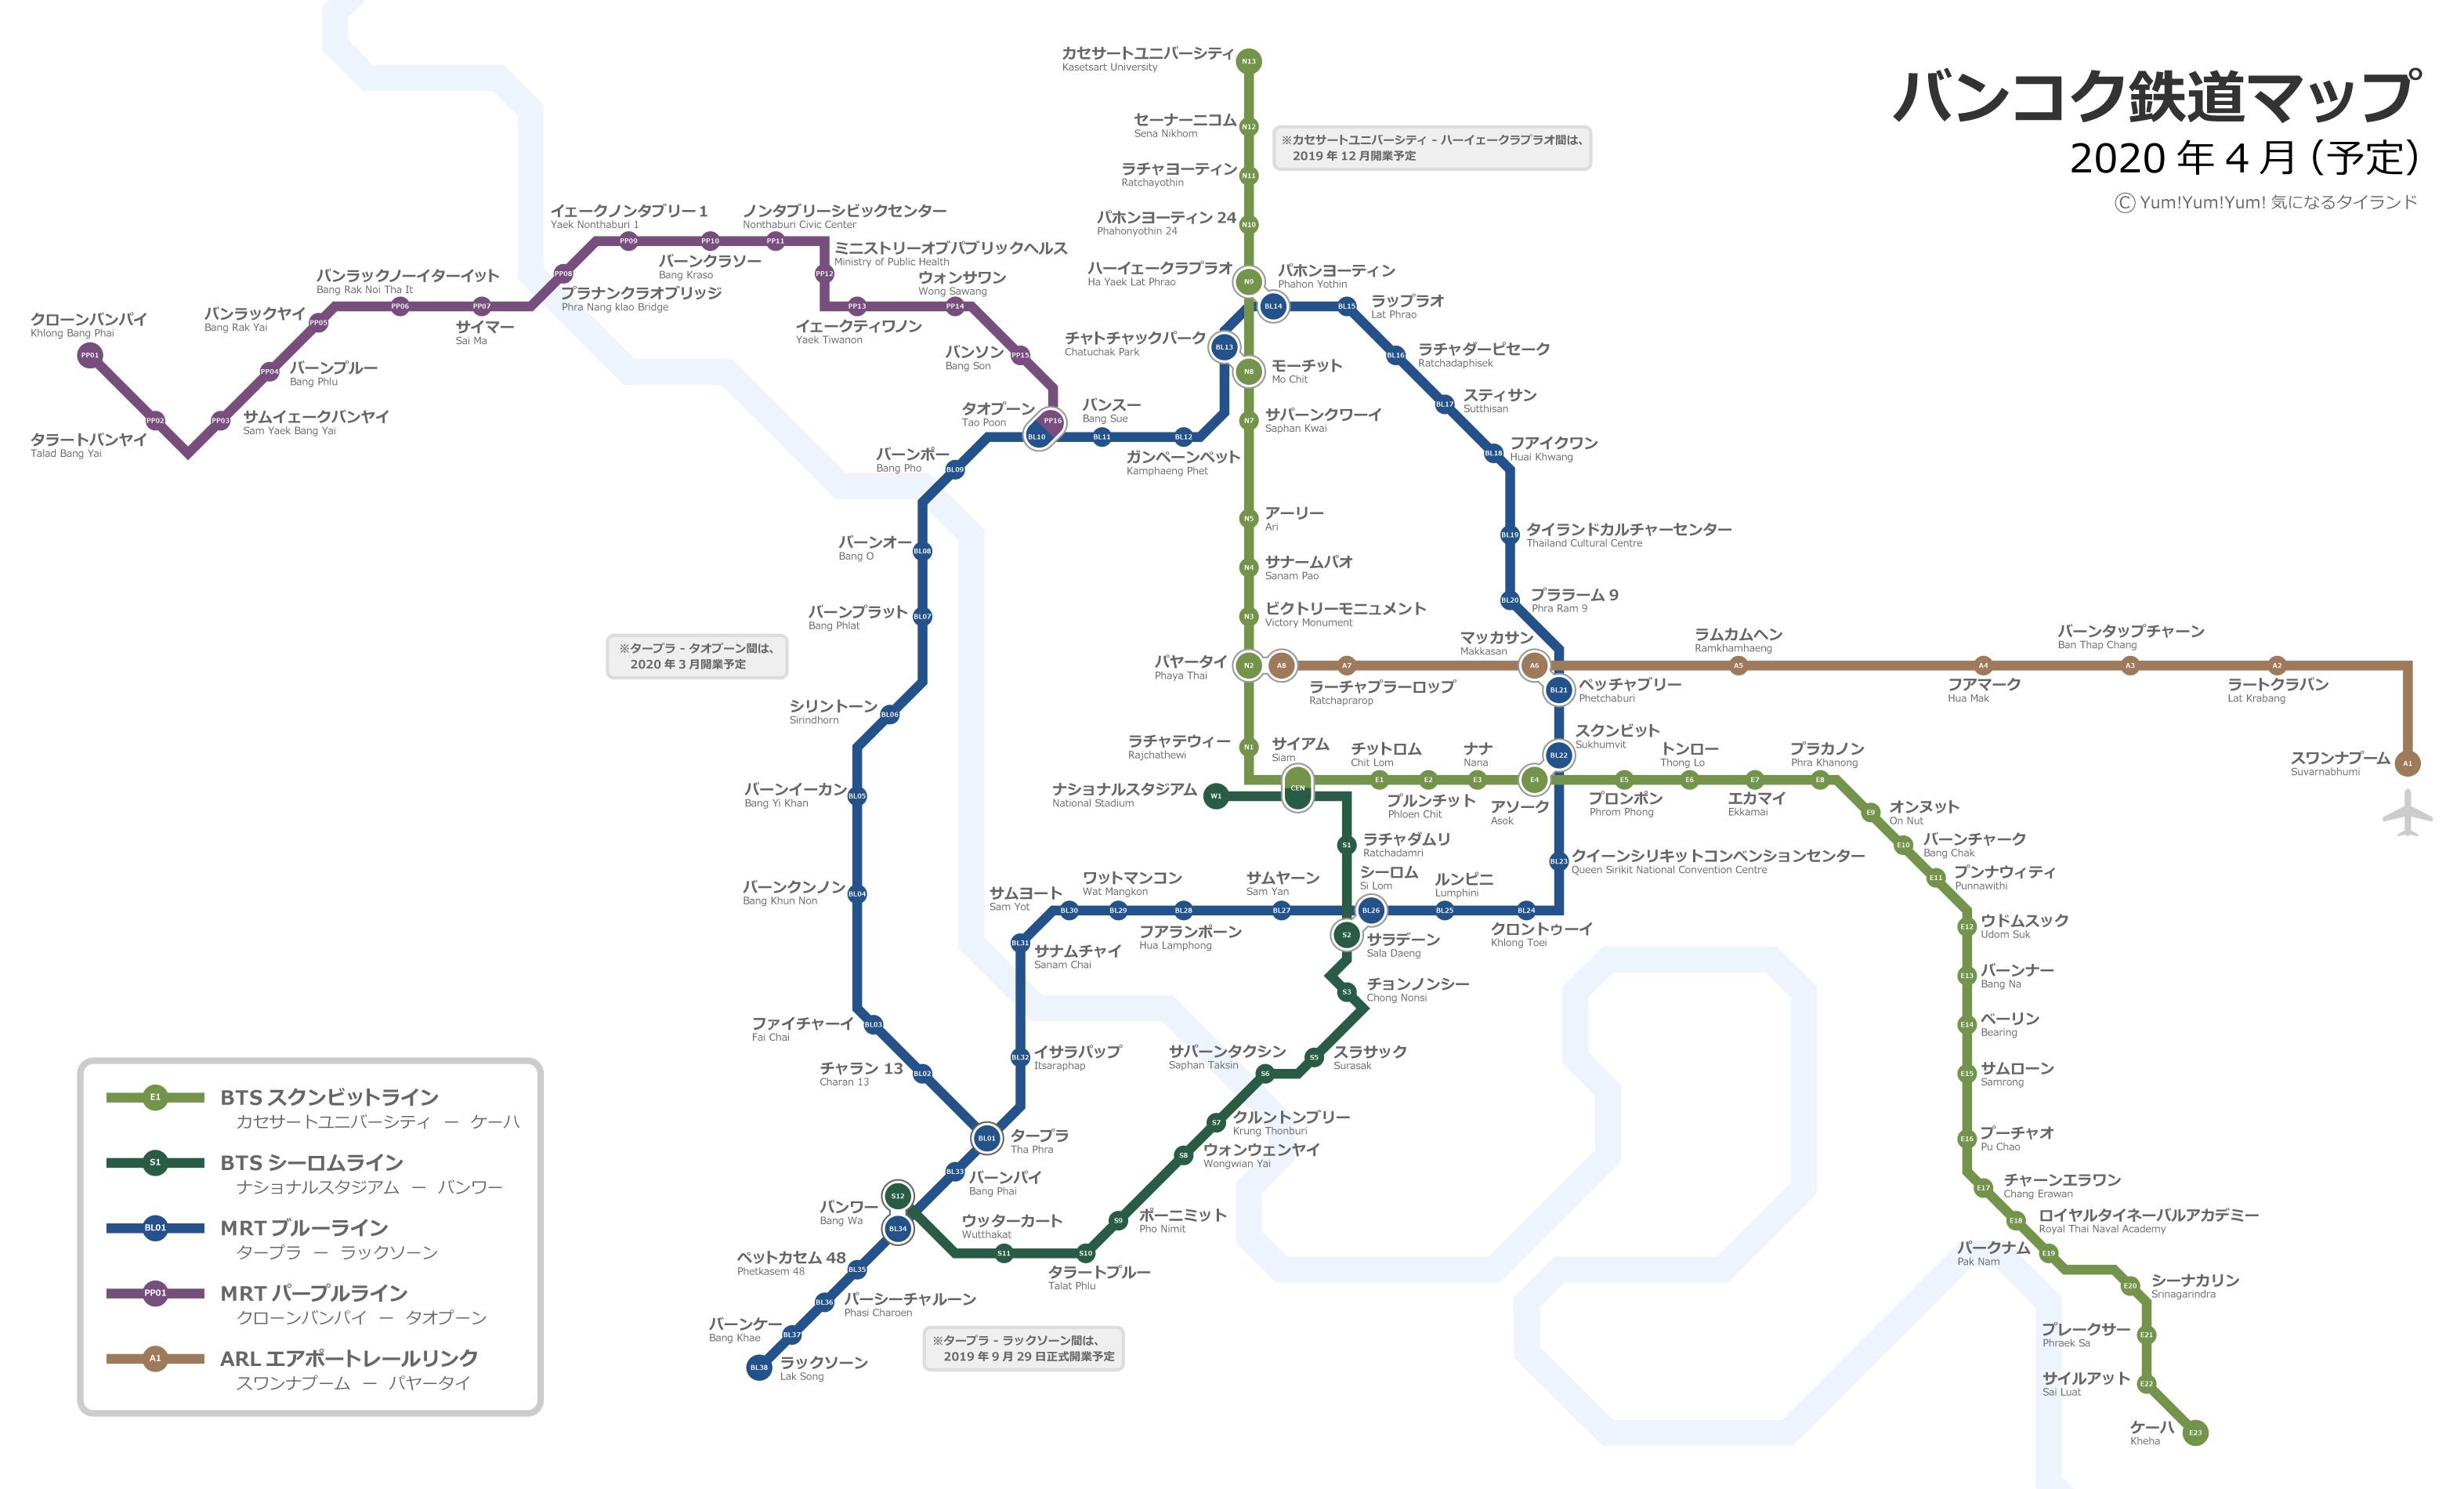 2019-2020年最新版バンコクBTS、MRT、ARL路線図